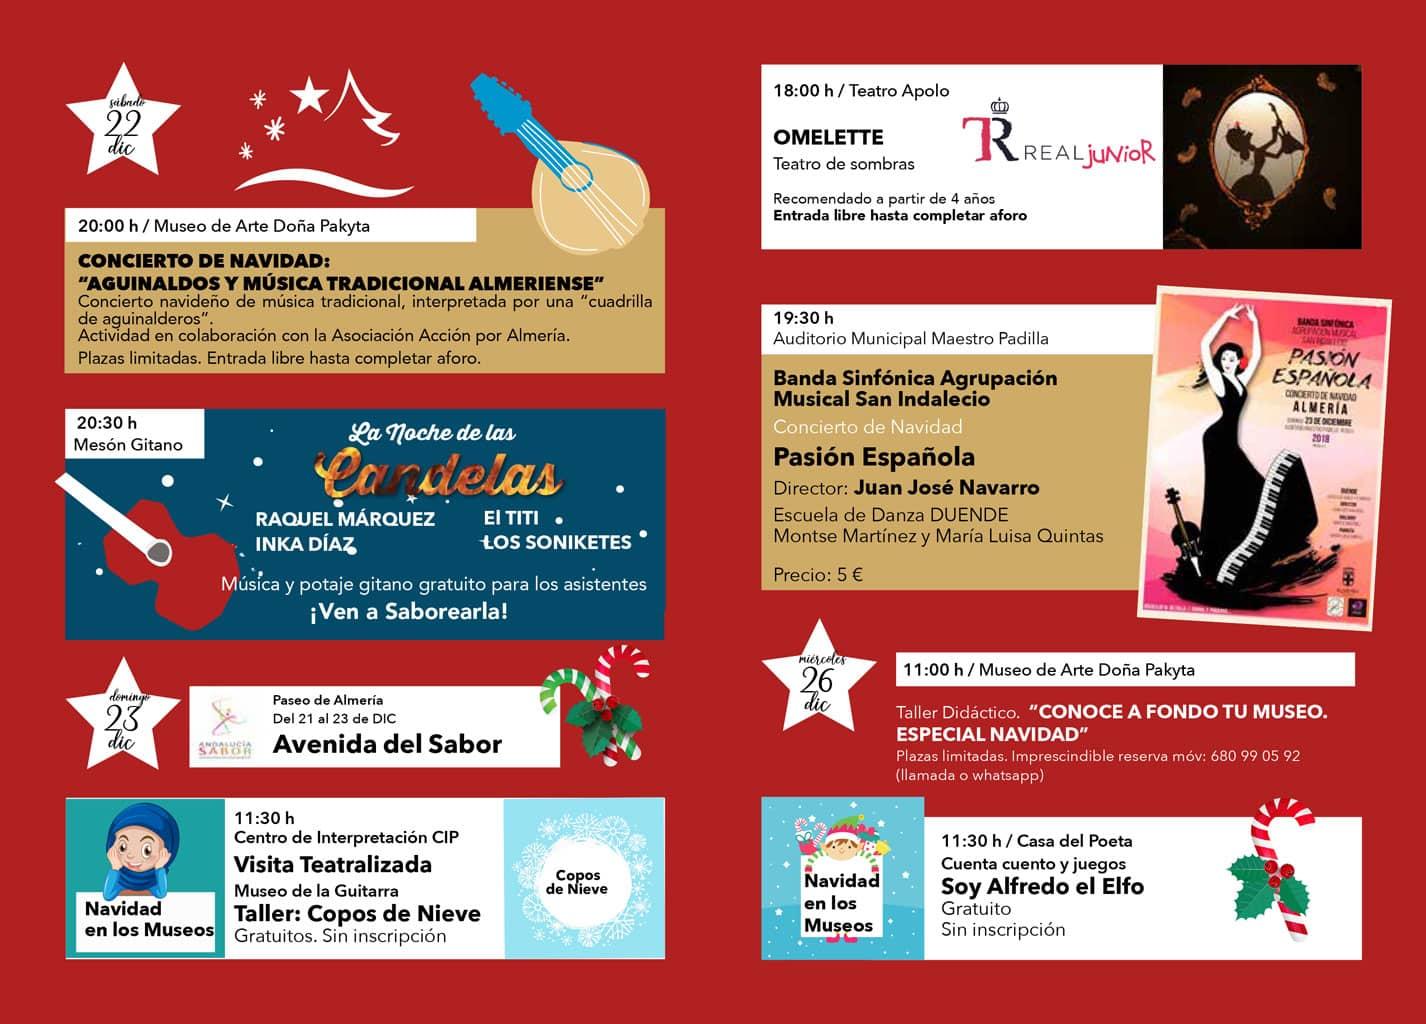 Programac-Navidad-Reyes-2018-2019-Almeria-07